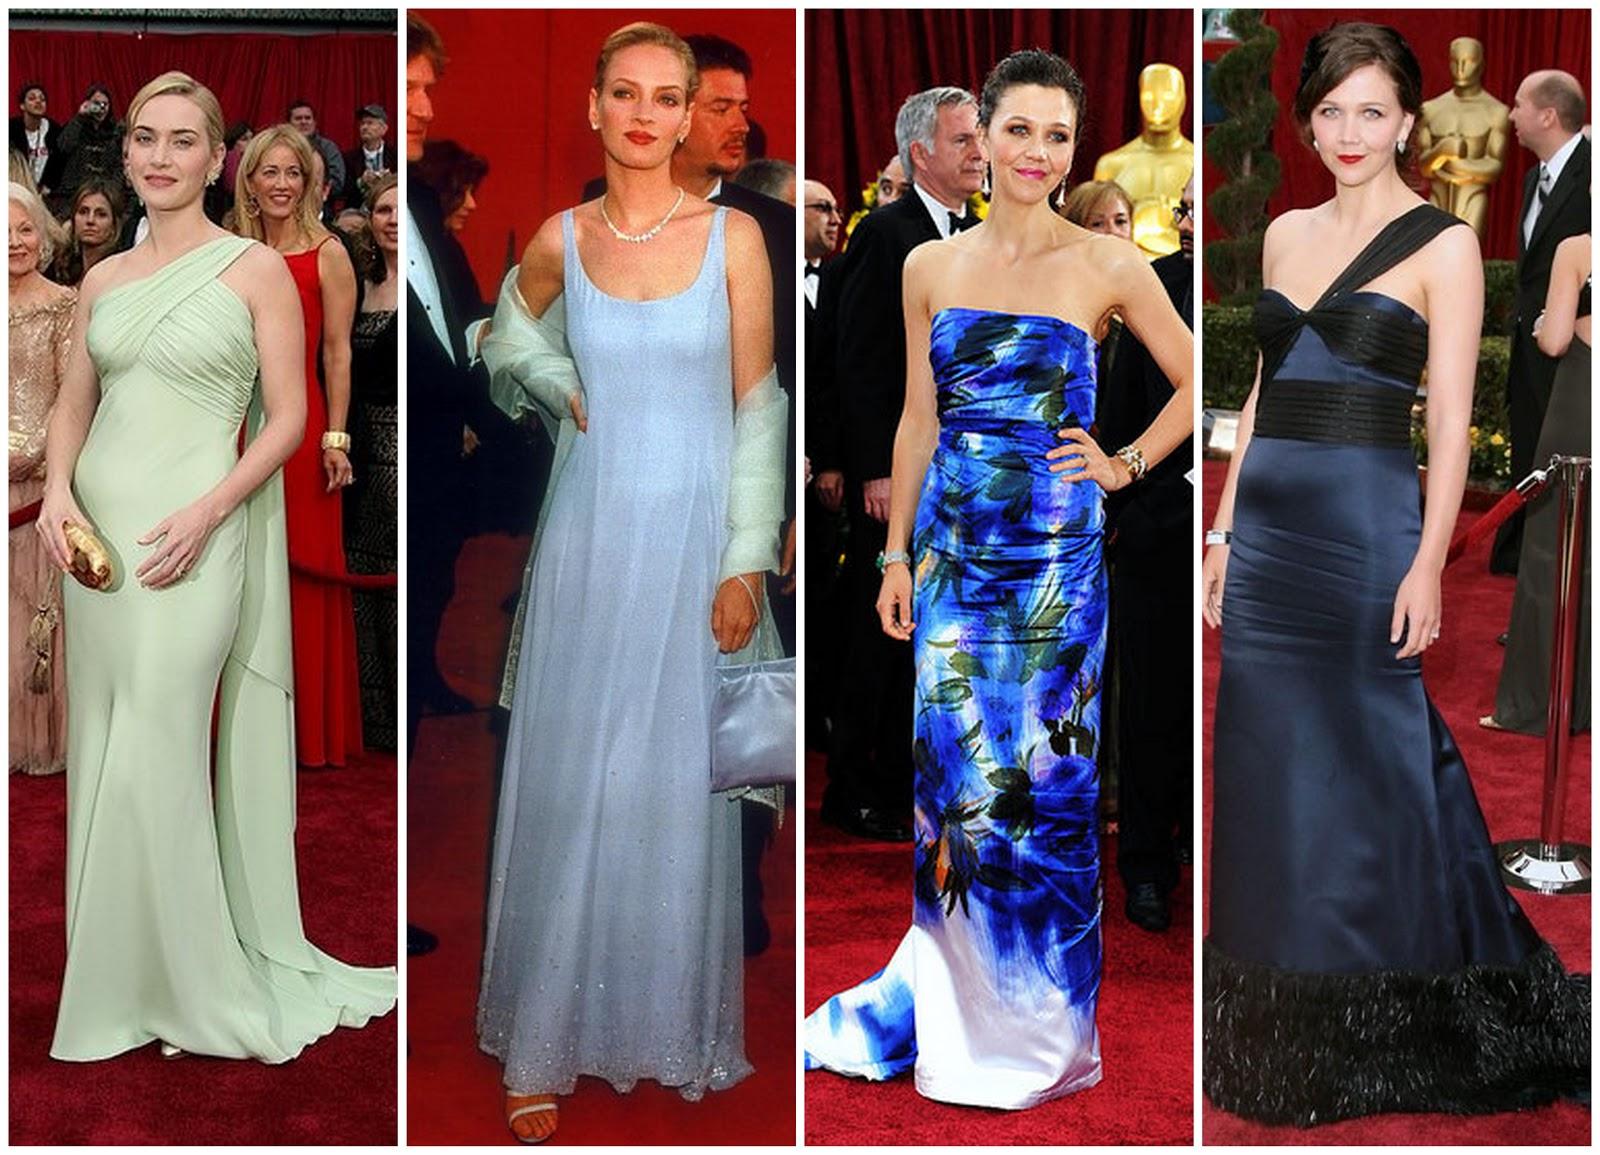 http://3.bp.blogspot.com/-m7IMFJKpPZA/T0djh7iBrKI/AAAAAAAACGM/IcF8KNsu20k/s1600/COLUMN+DRESS2.jpg